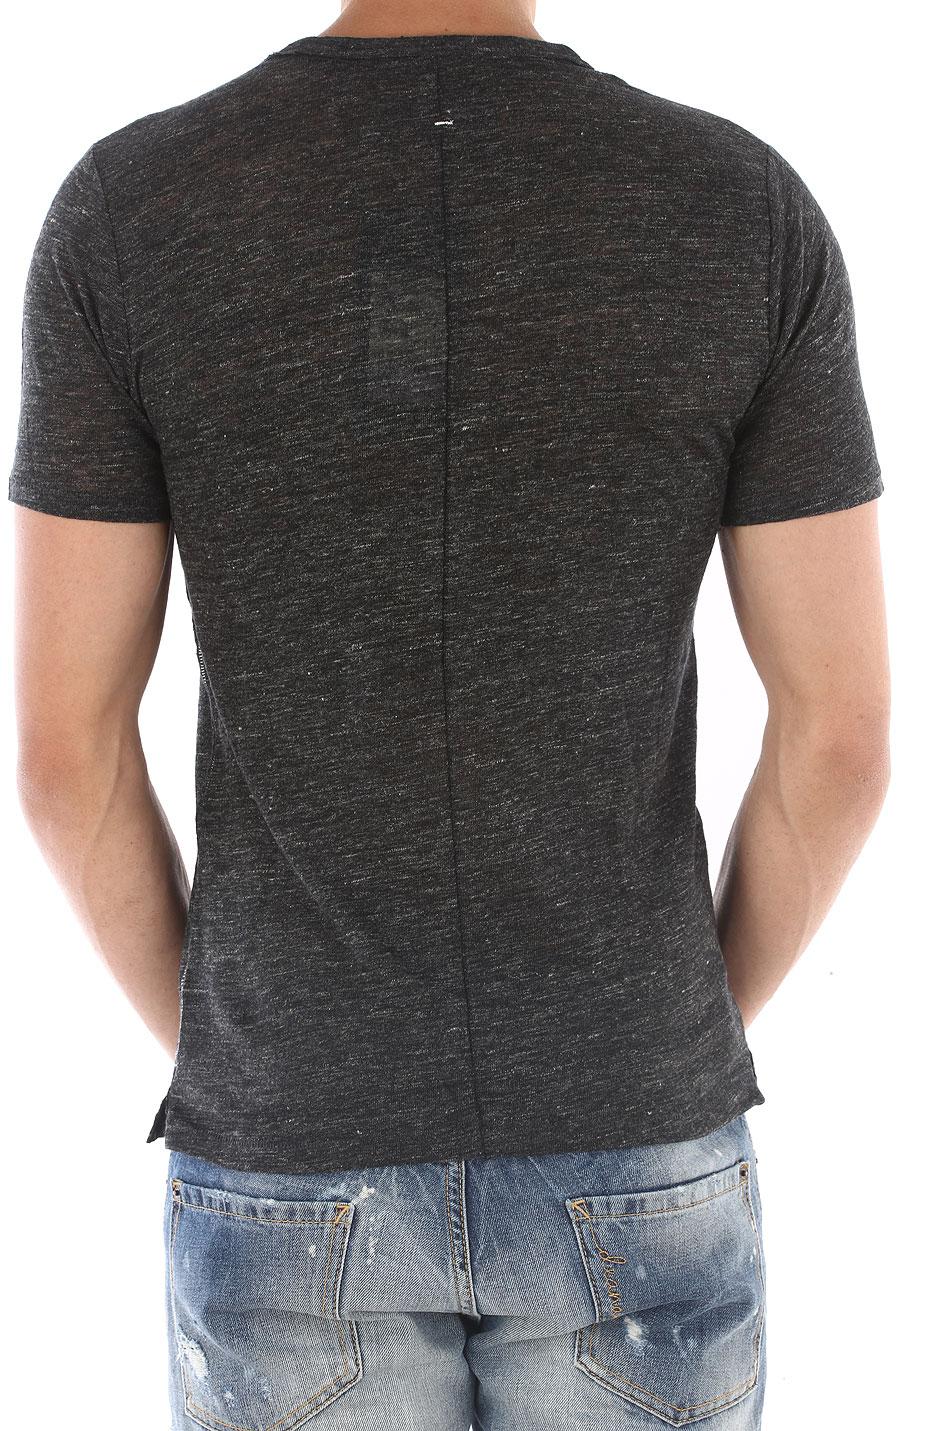 Abbigliamento Uomo Rag & Bone Jean , Codice Articolo: m266t24jv-charcoal-